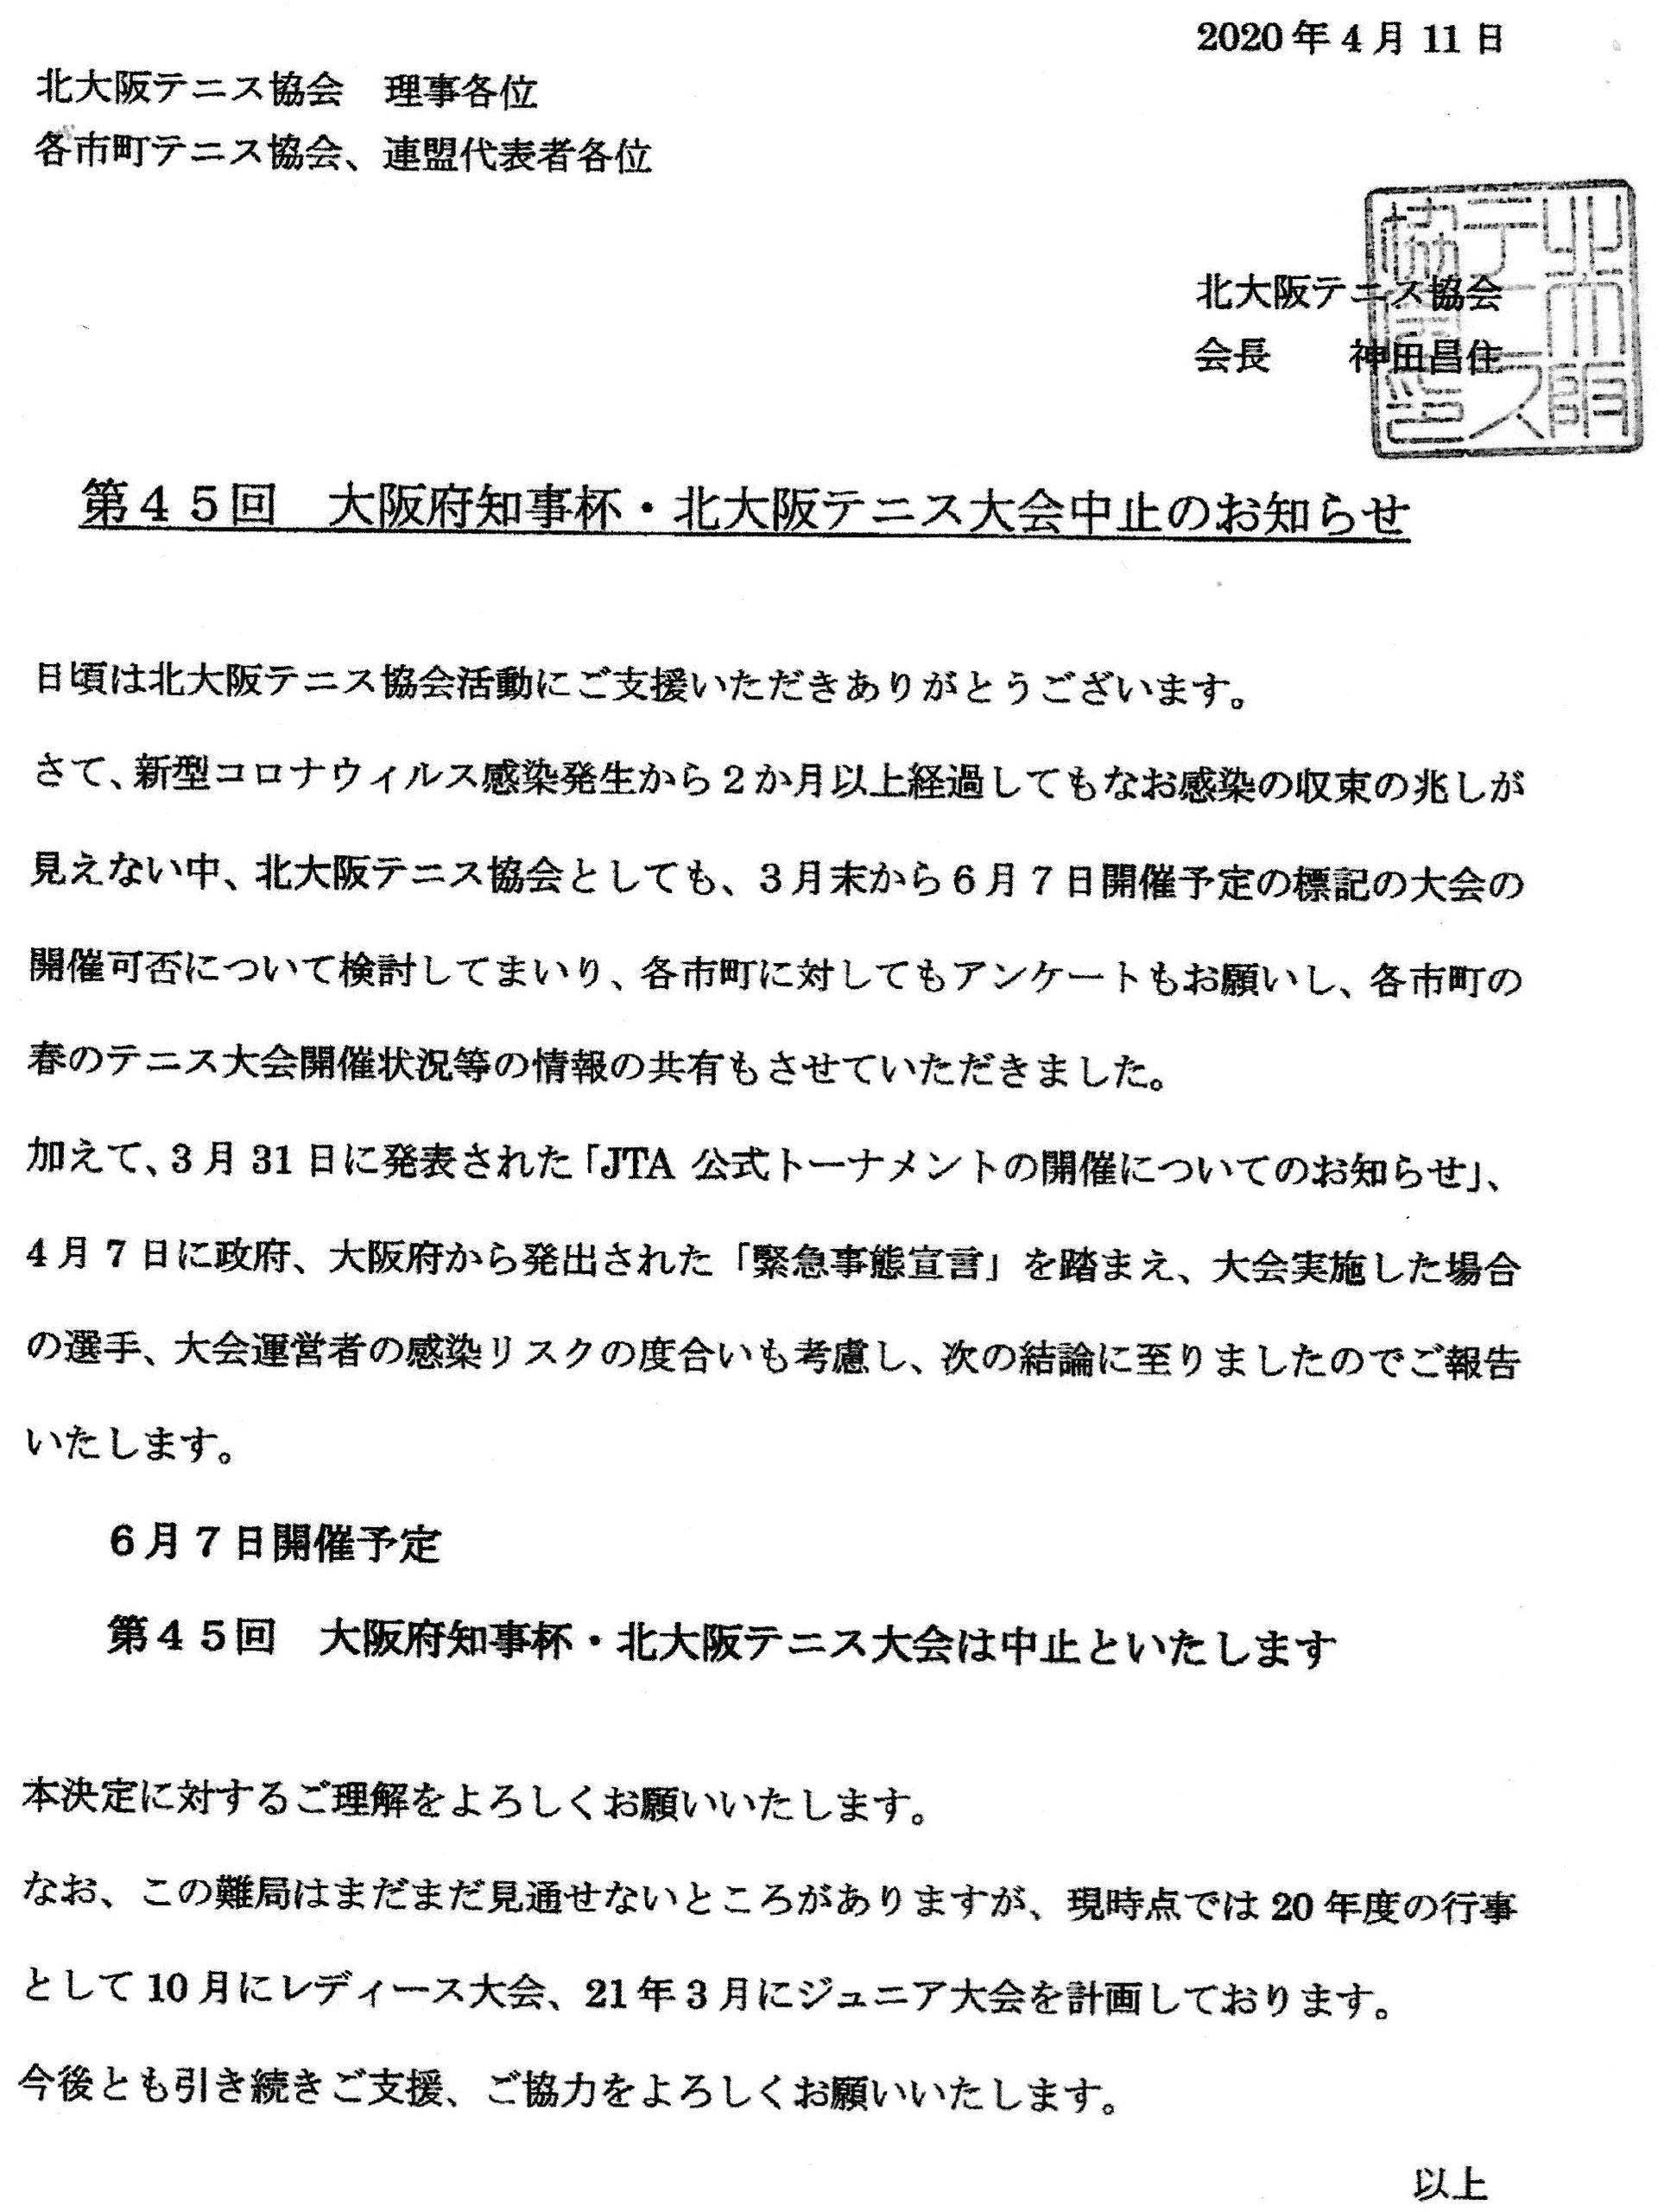 テニス 大阪 協会 府